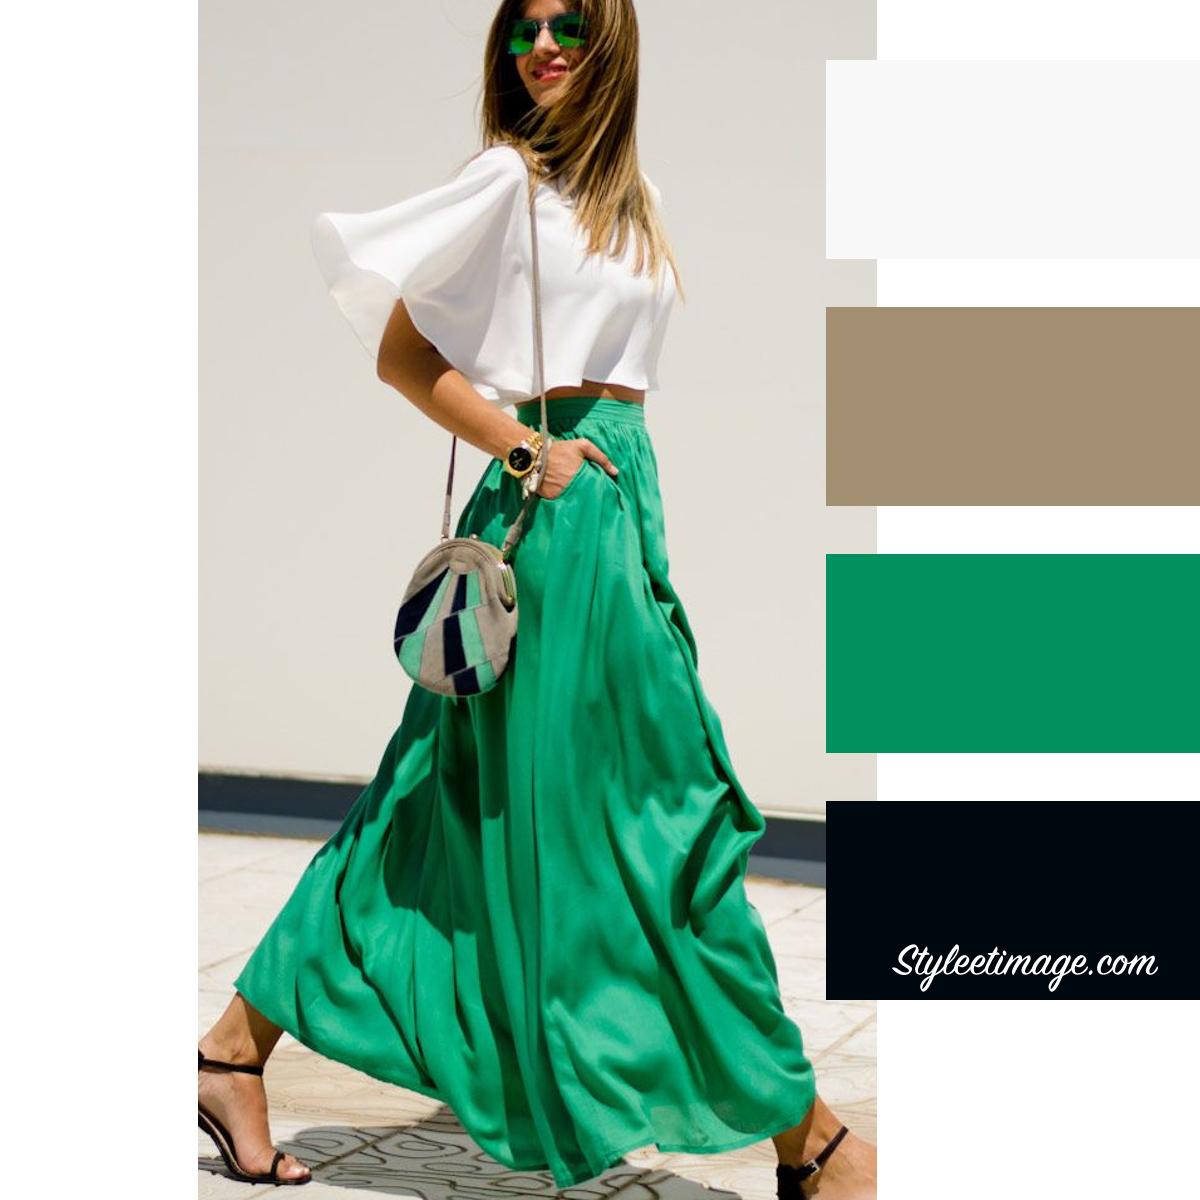 Les Couleurs Qui Se Marient Avec Le Vert 15 idées pour associer les couleurs de vos vêtements  